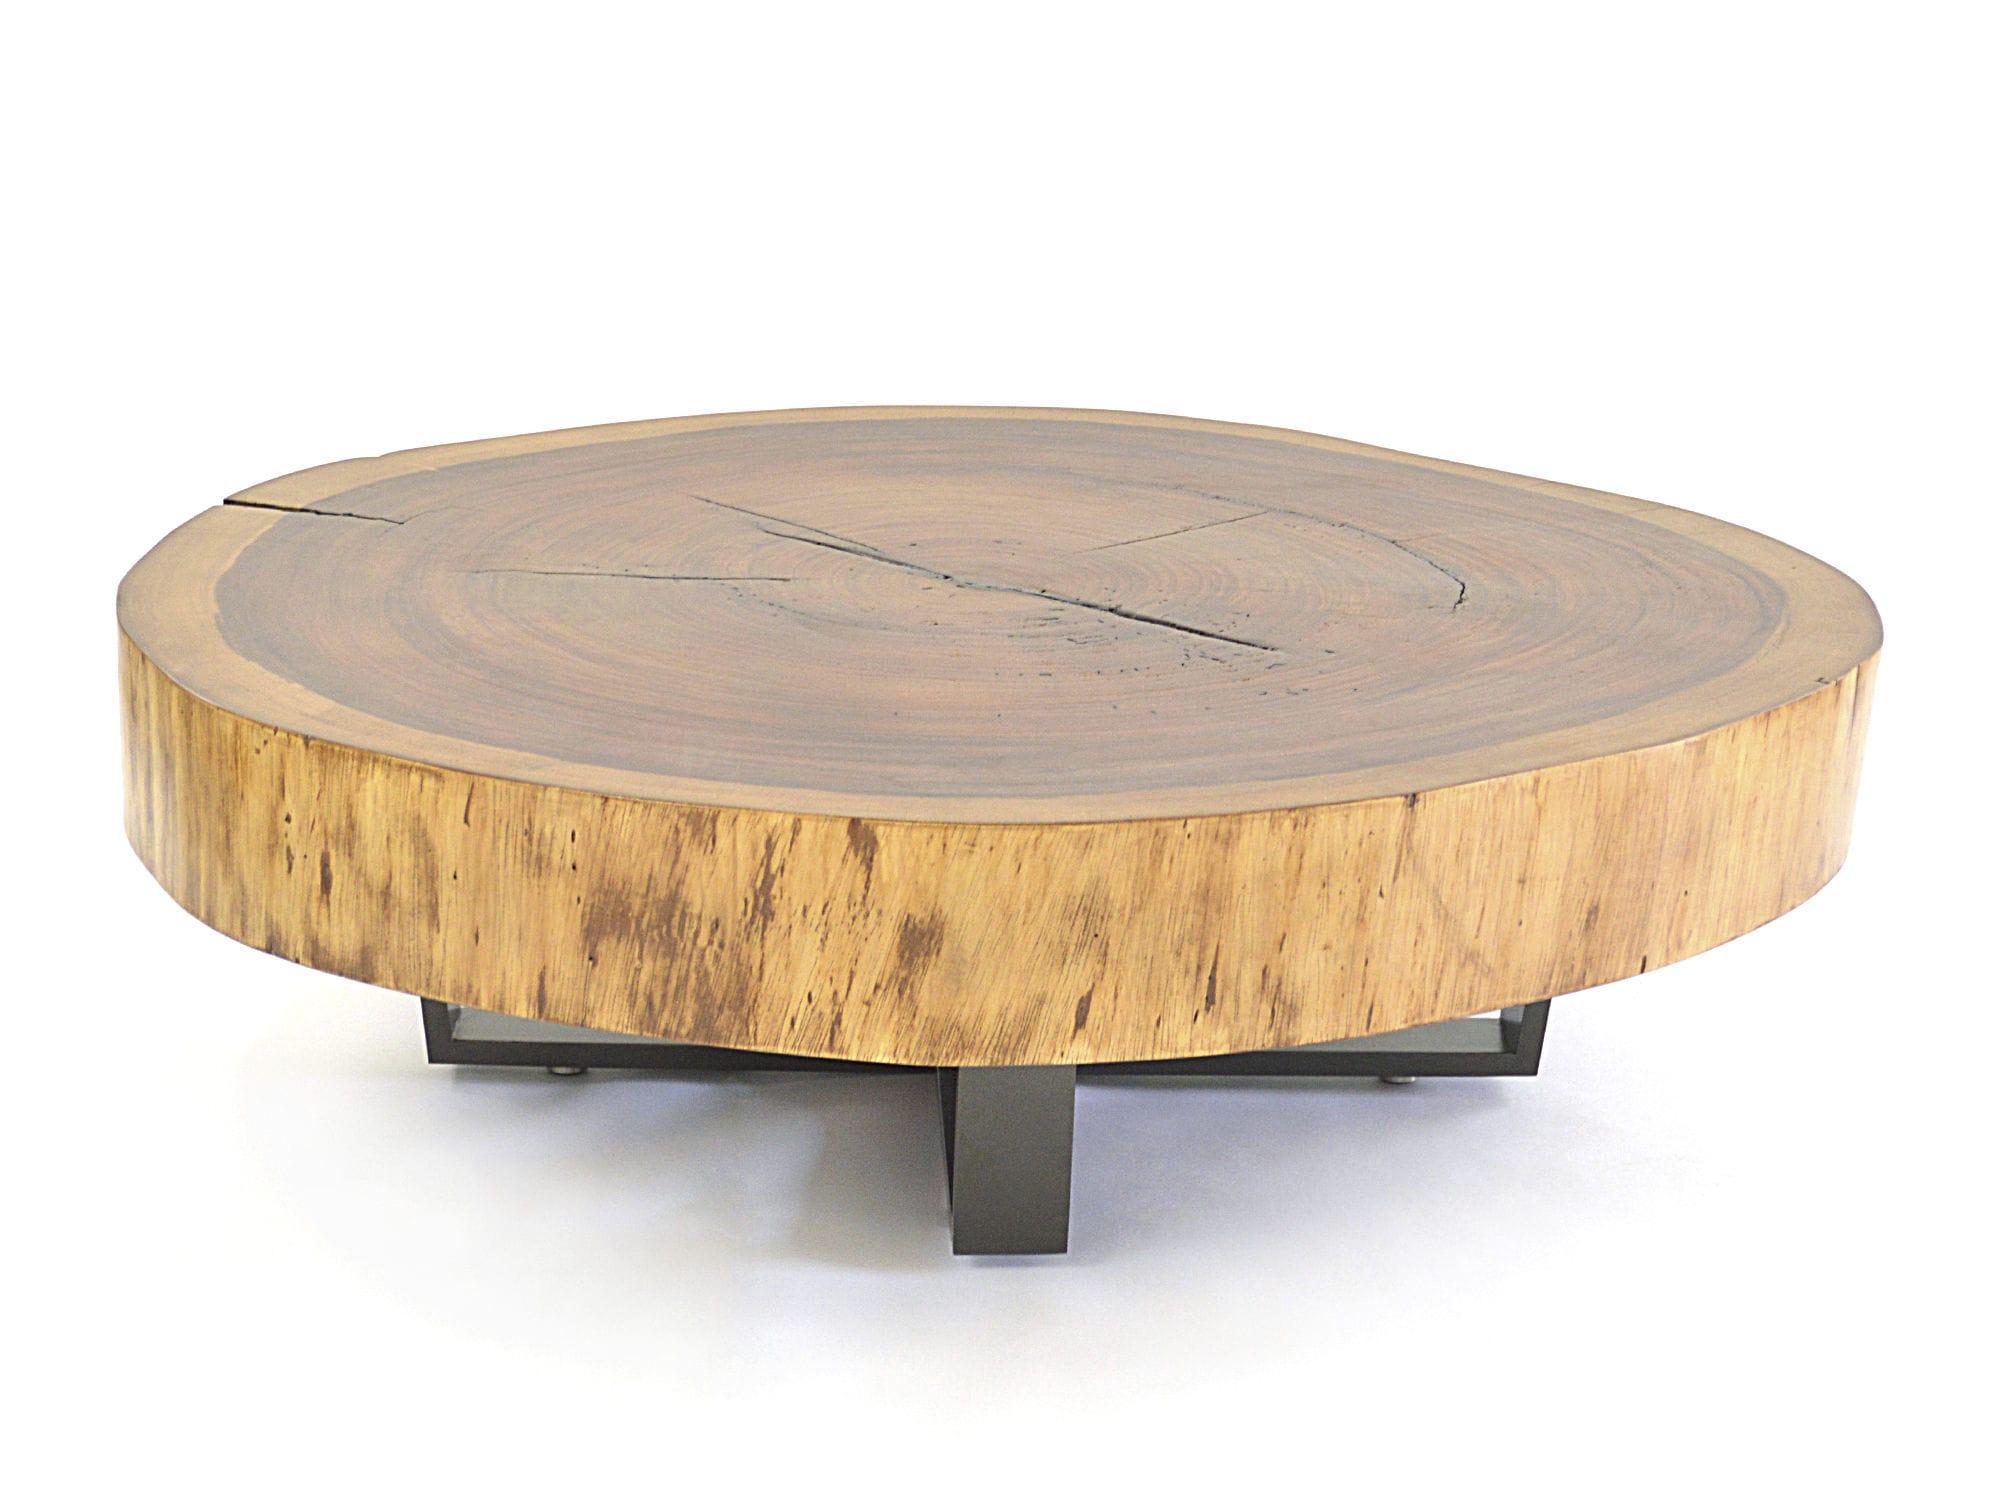 Moderner Couchtisch Holz Metall Rund Bolacha Rotsen Furniture